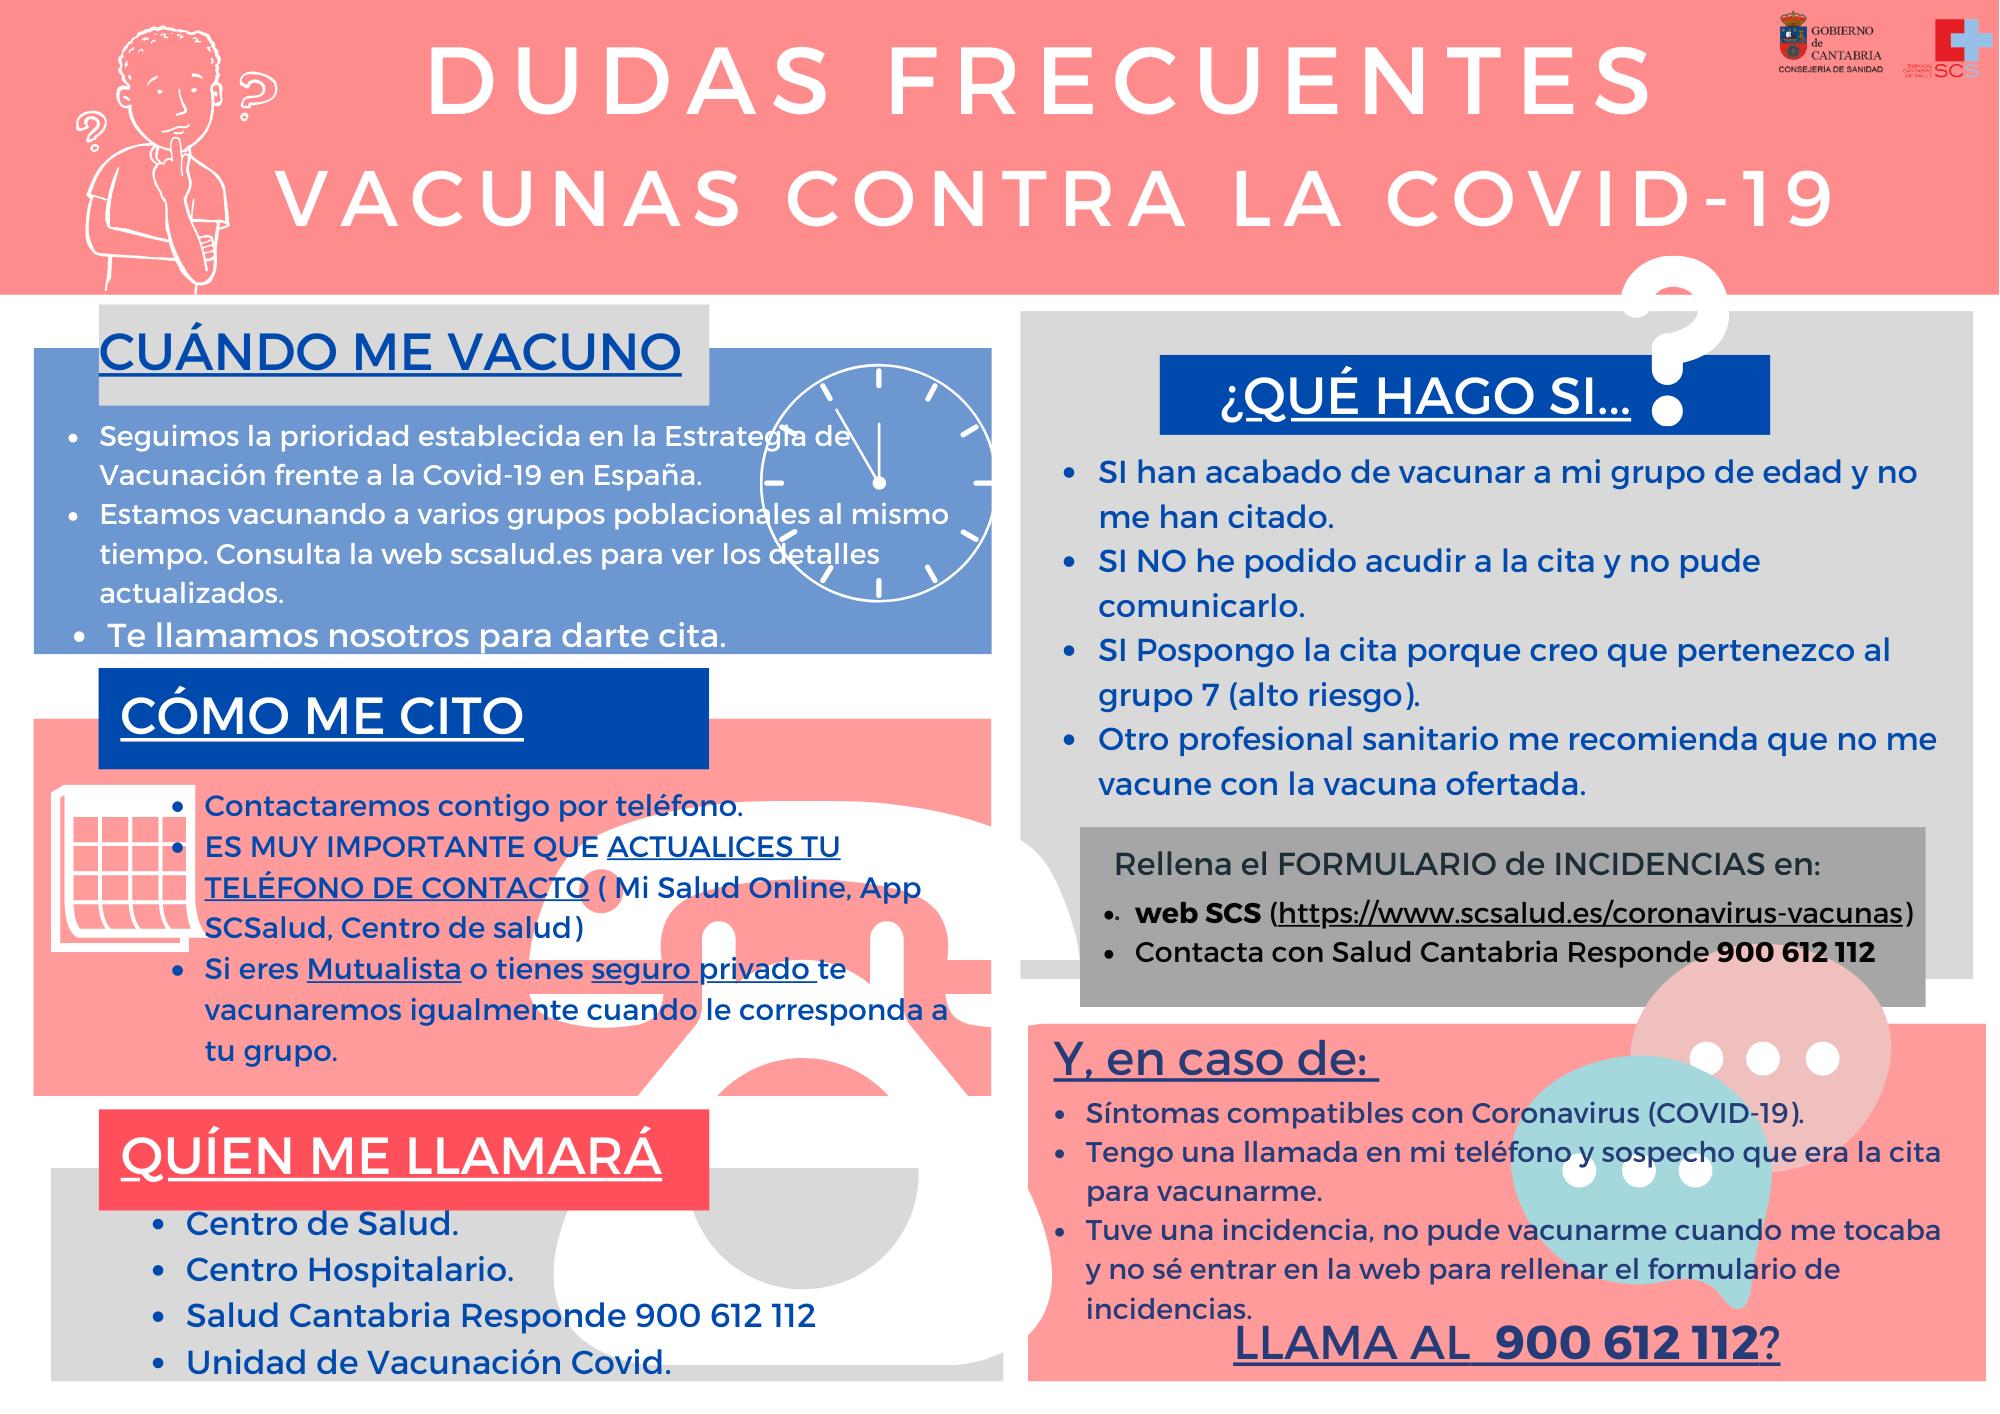 Recuento de foreros vacunados contra el Covid (foreros controlados por Bill Gates, Miguel Bosé y microchips 5G) - Página 5 9d431a77-0bd7-854b-1349-863d0662b161?t=1619425466598